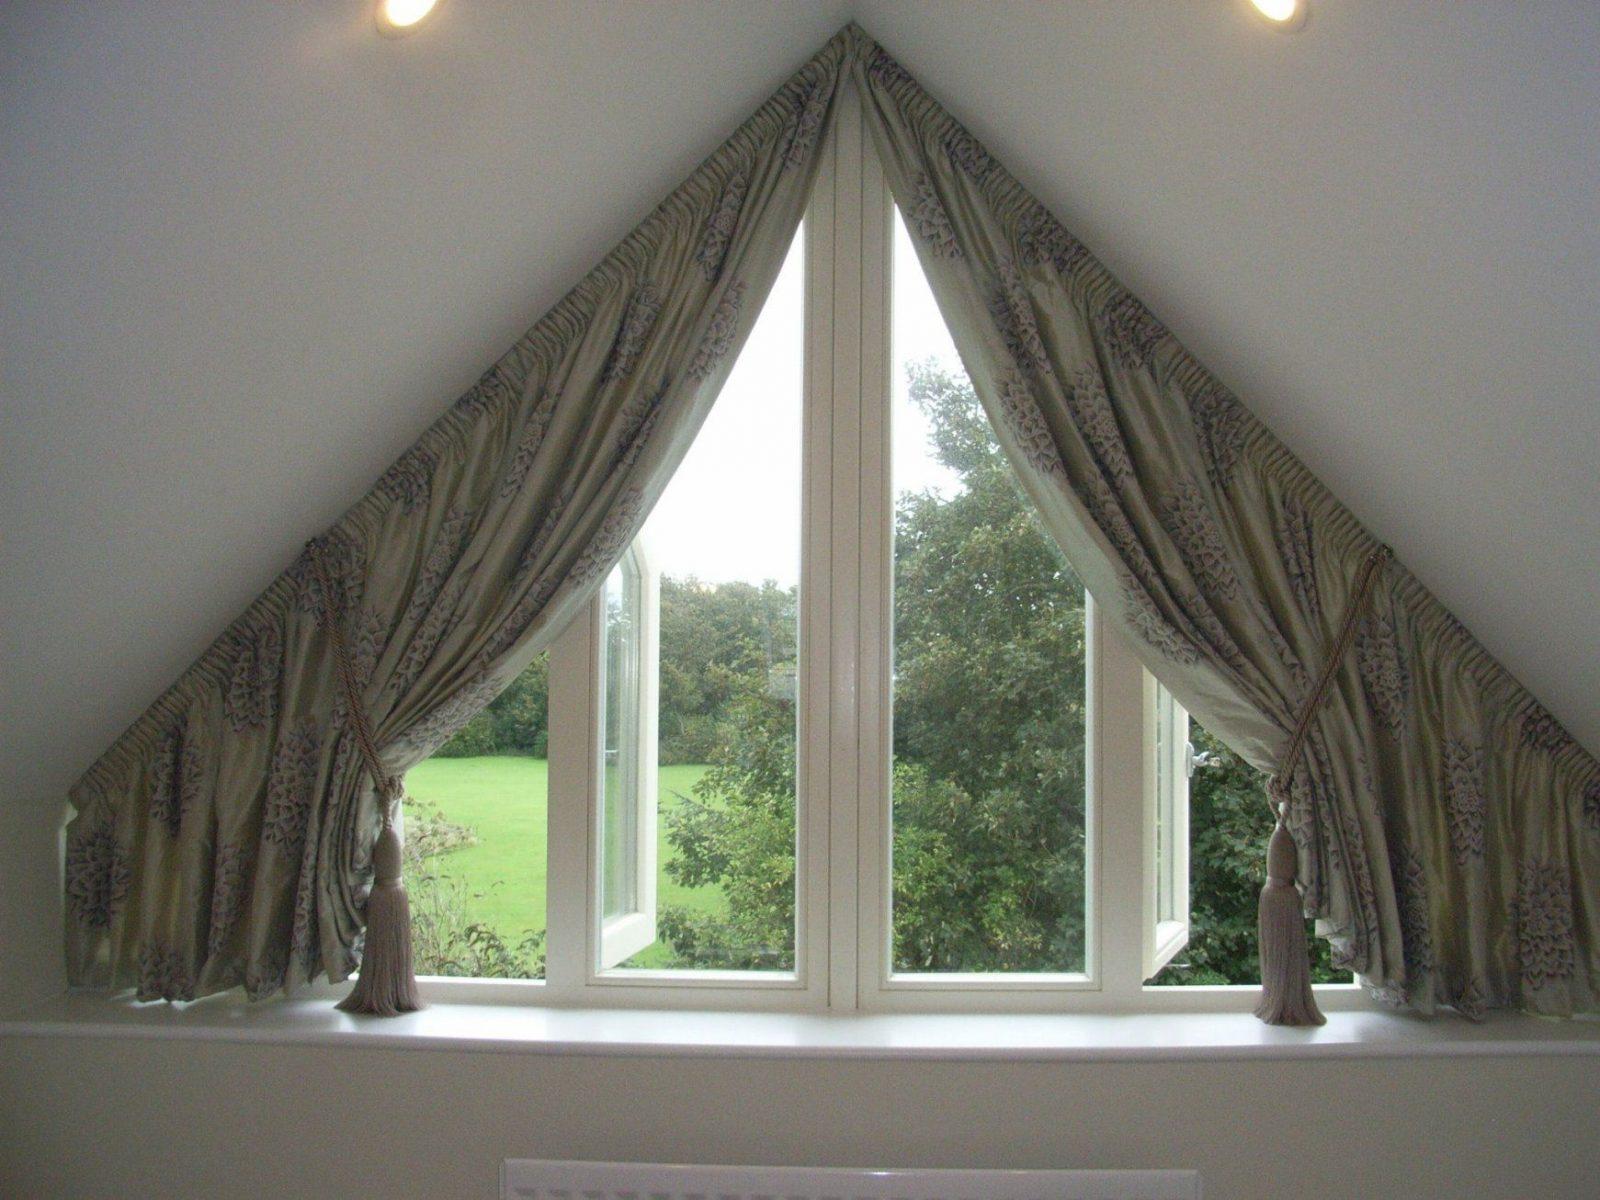 Tolle Ideen Wie Sie Ihr Dreiecksfenster Verdunkeln  Gardinen von Gardinen Für Dreiecksfenster Selber Nähen Photo